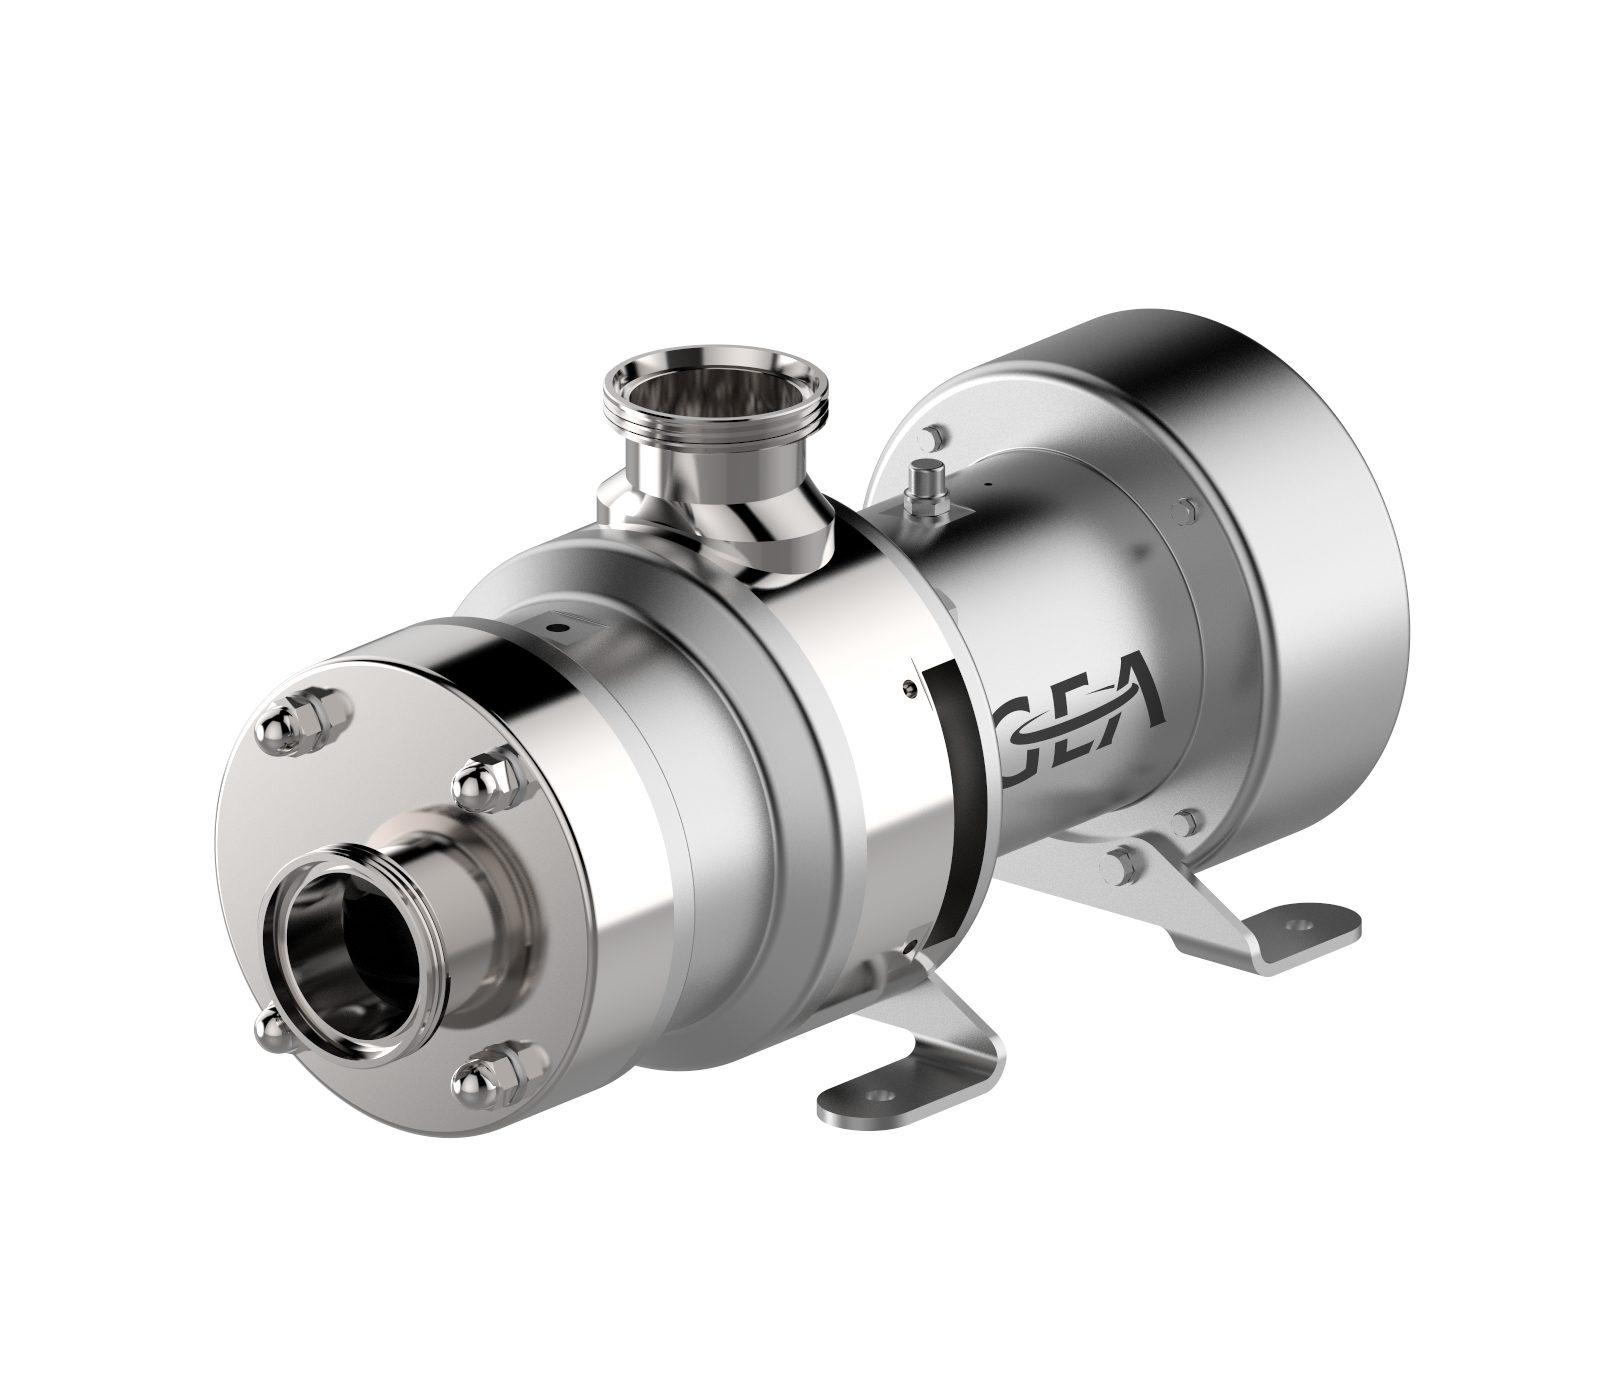 GEA screw pumps